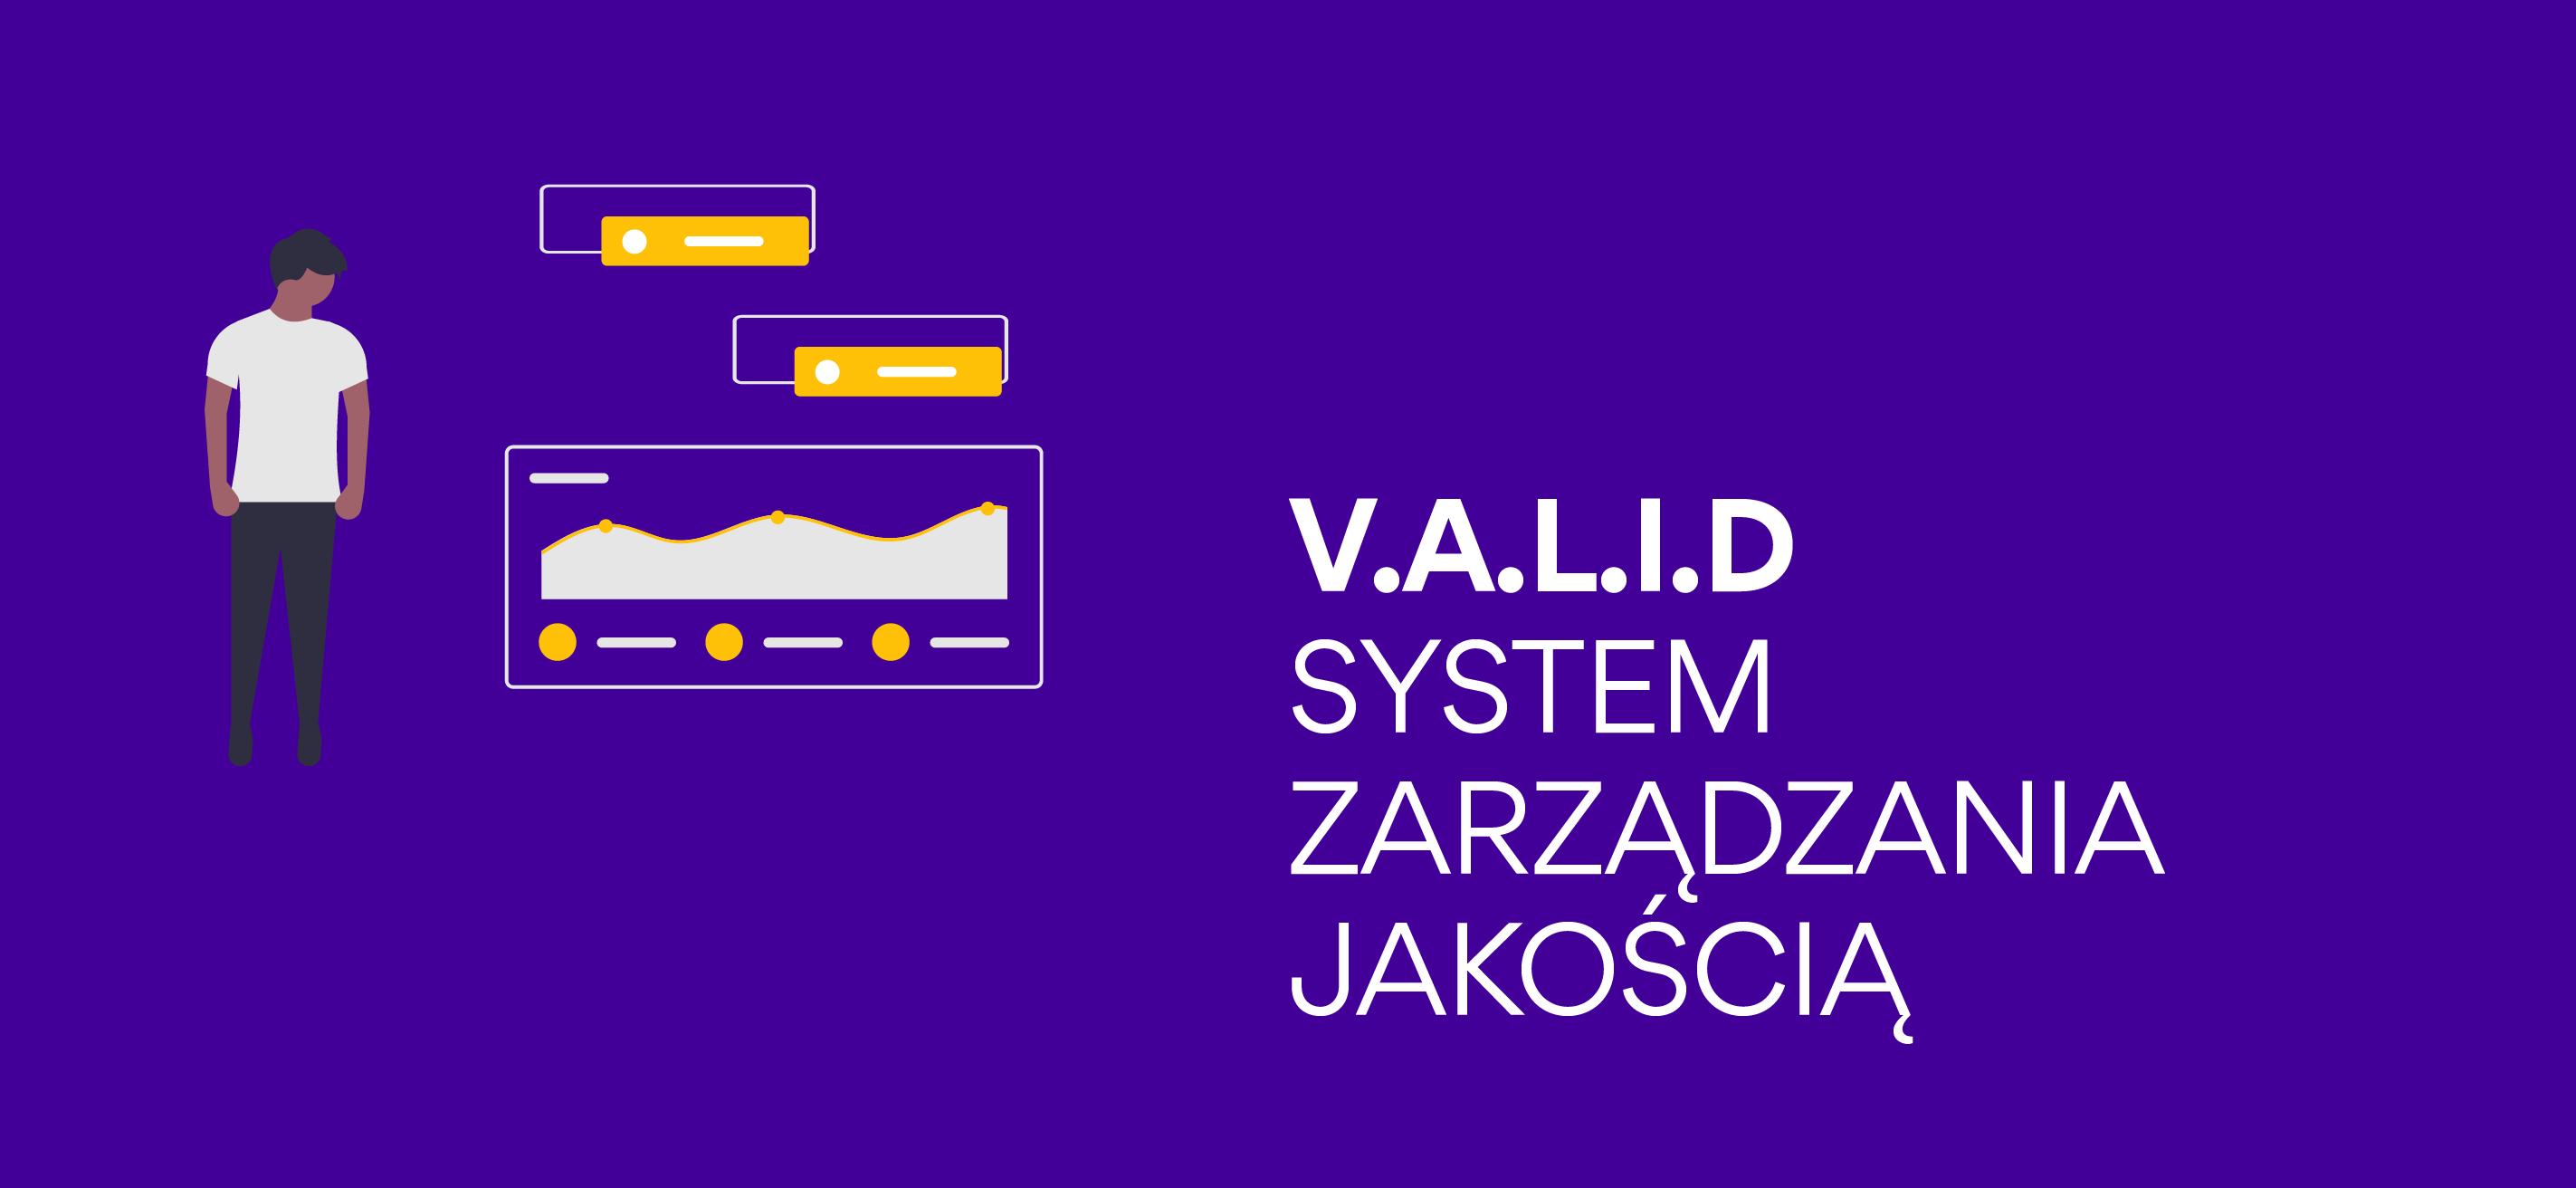 V.A.L.I.D. , czyli system zarządzania jakością